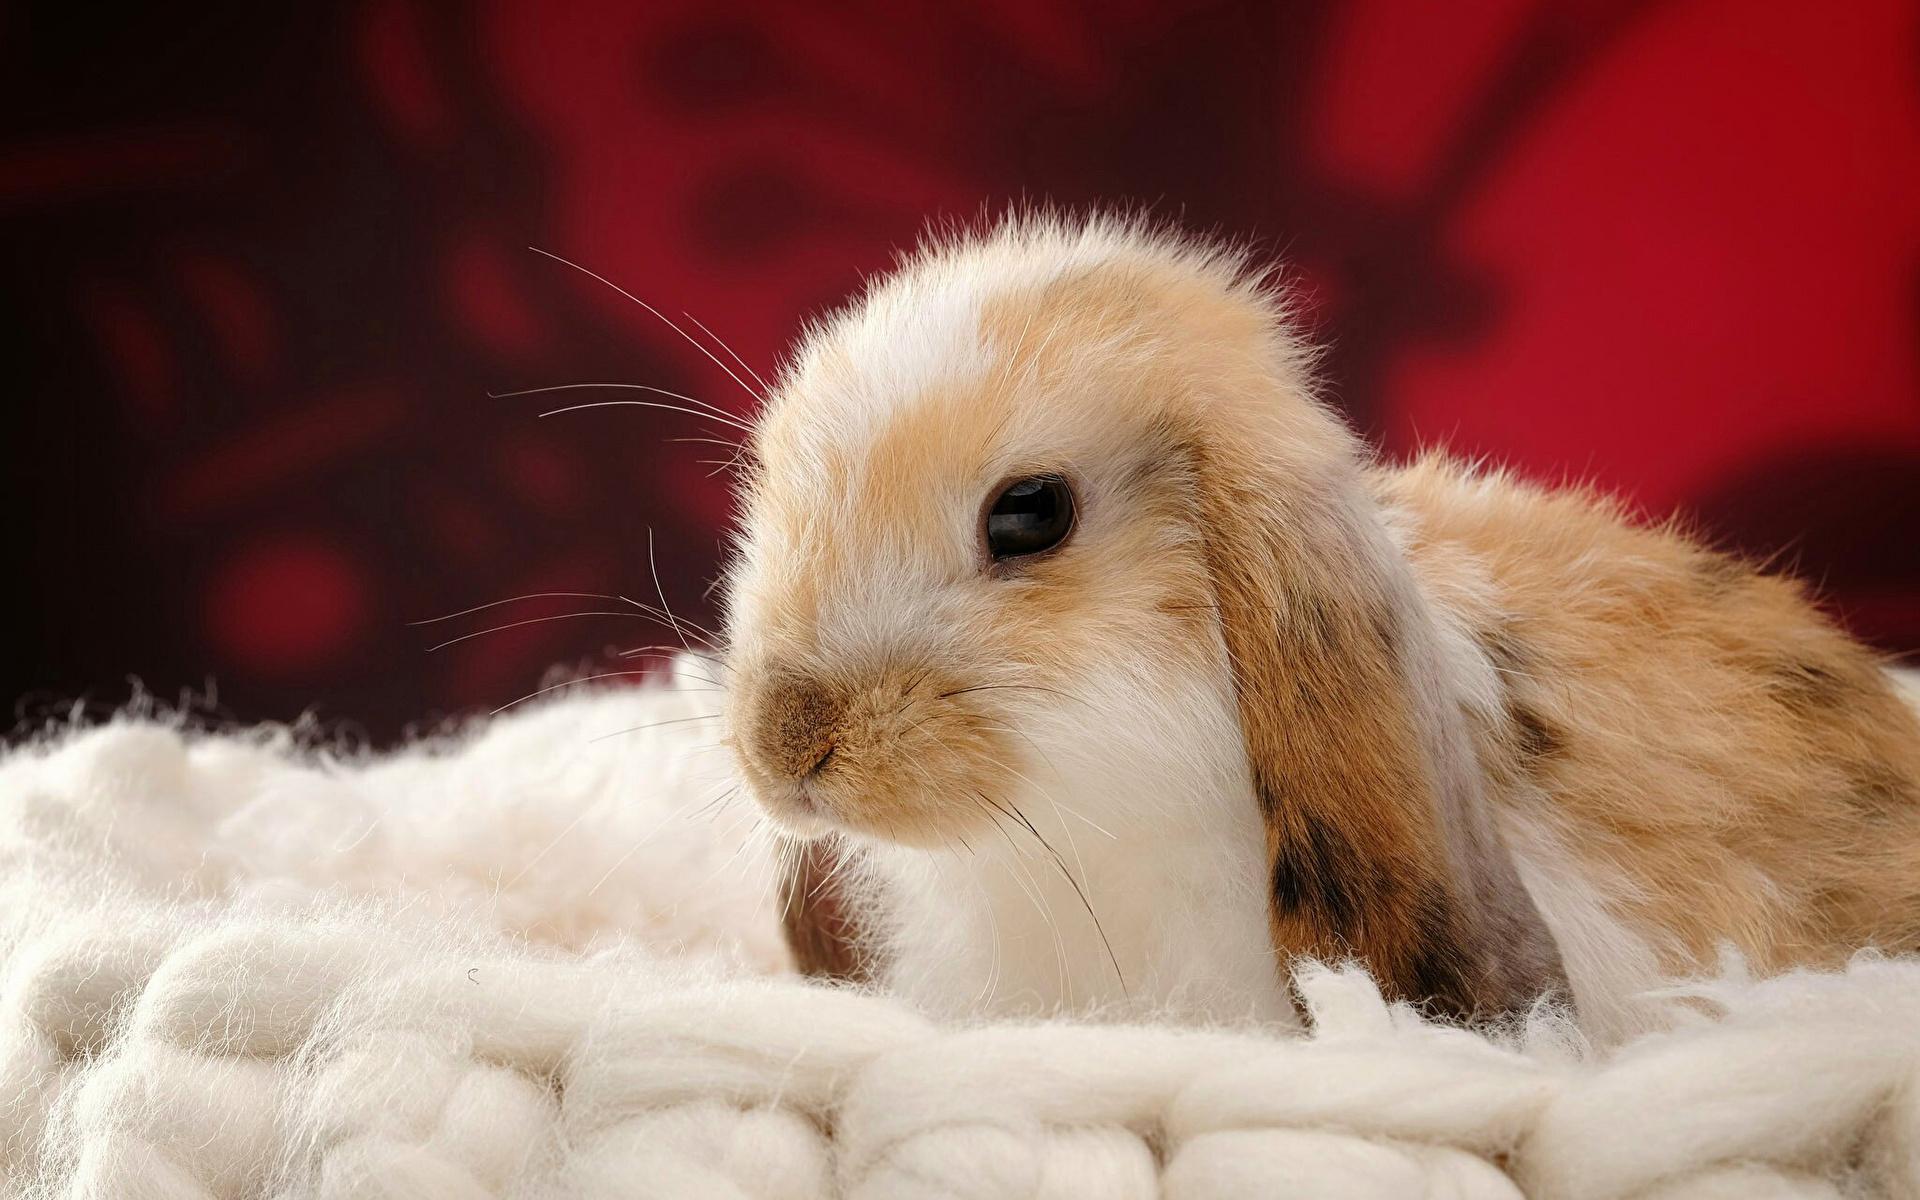 Tapeta Króliki Głowa Zwierzęta 1920x1200 królik zwierzę